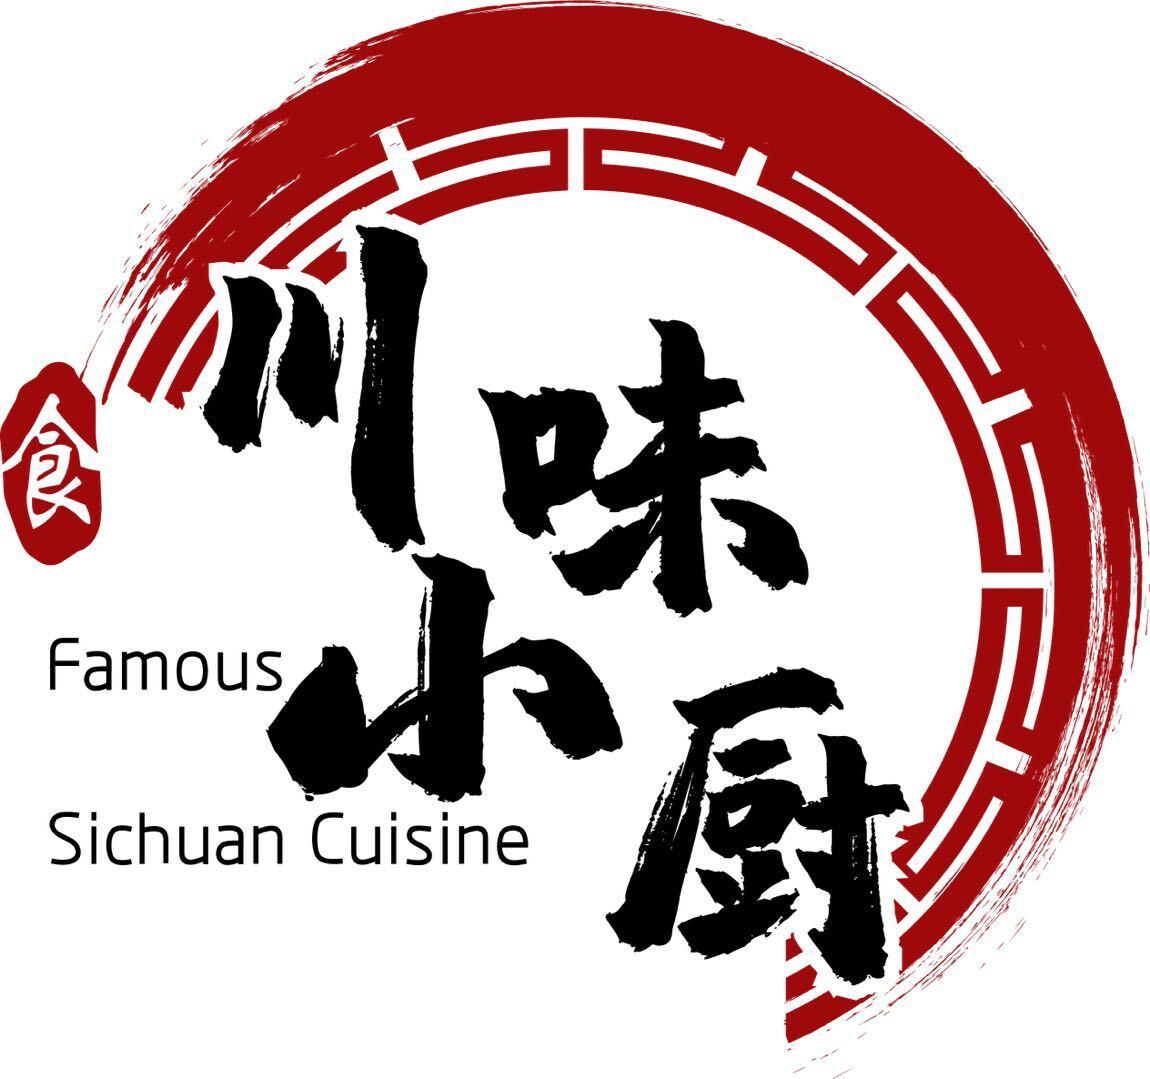 Famous Sichuan Cuisine logo